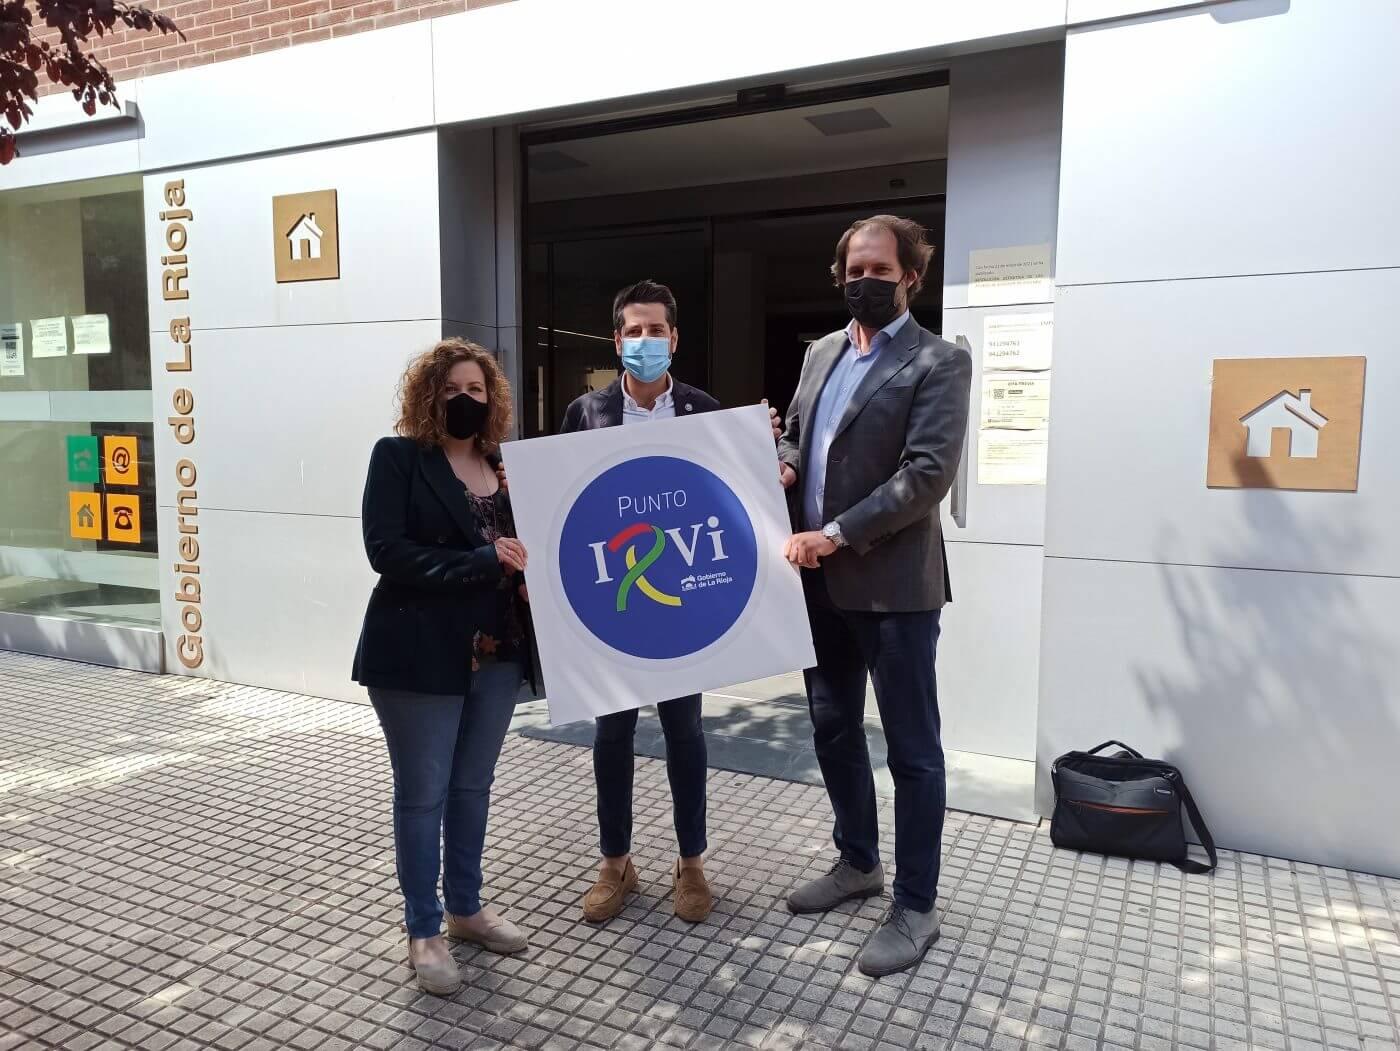 Las Oficinas de Atención al Ciudadano del Gobierno de La Rioja son desde hoy 'Puntos IRVI' para informar, asesorar y tramitar sobre vivienda